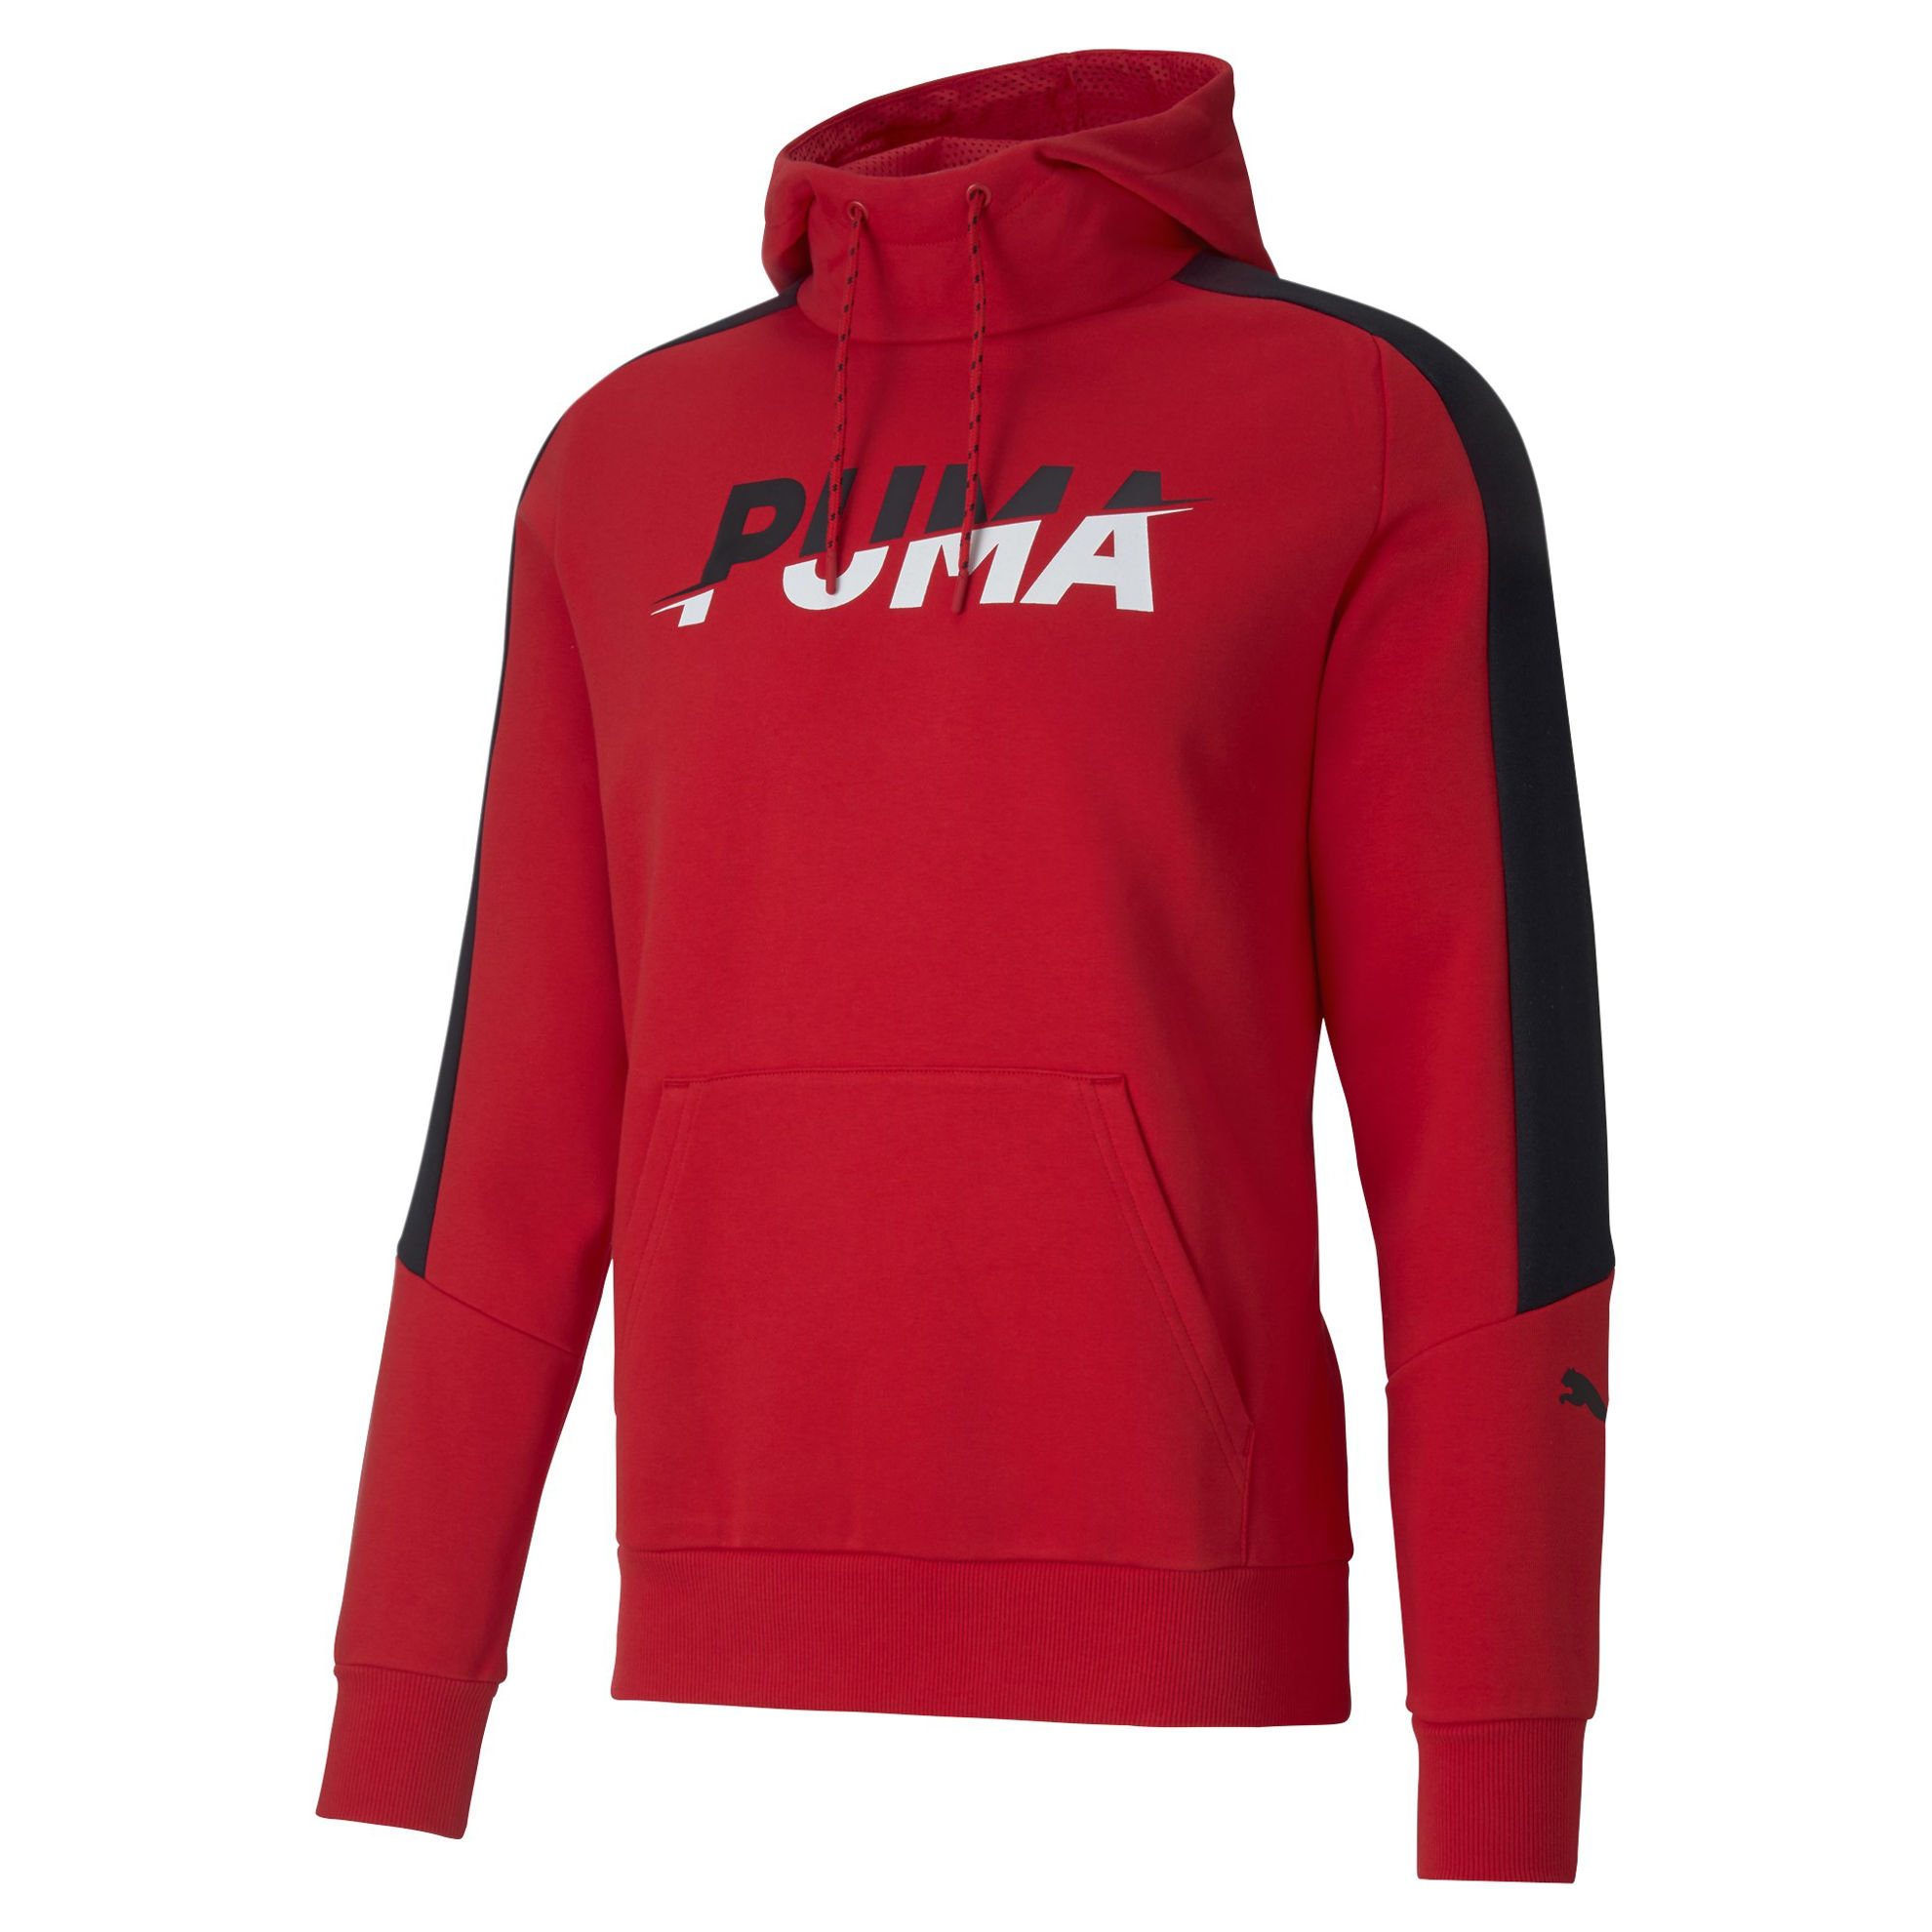 Immagine di PUMA - SWEAT C/CAPP.MODERN SPORTS HD RED